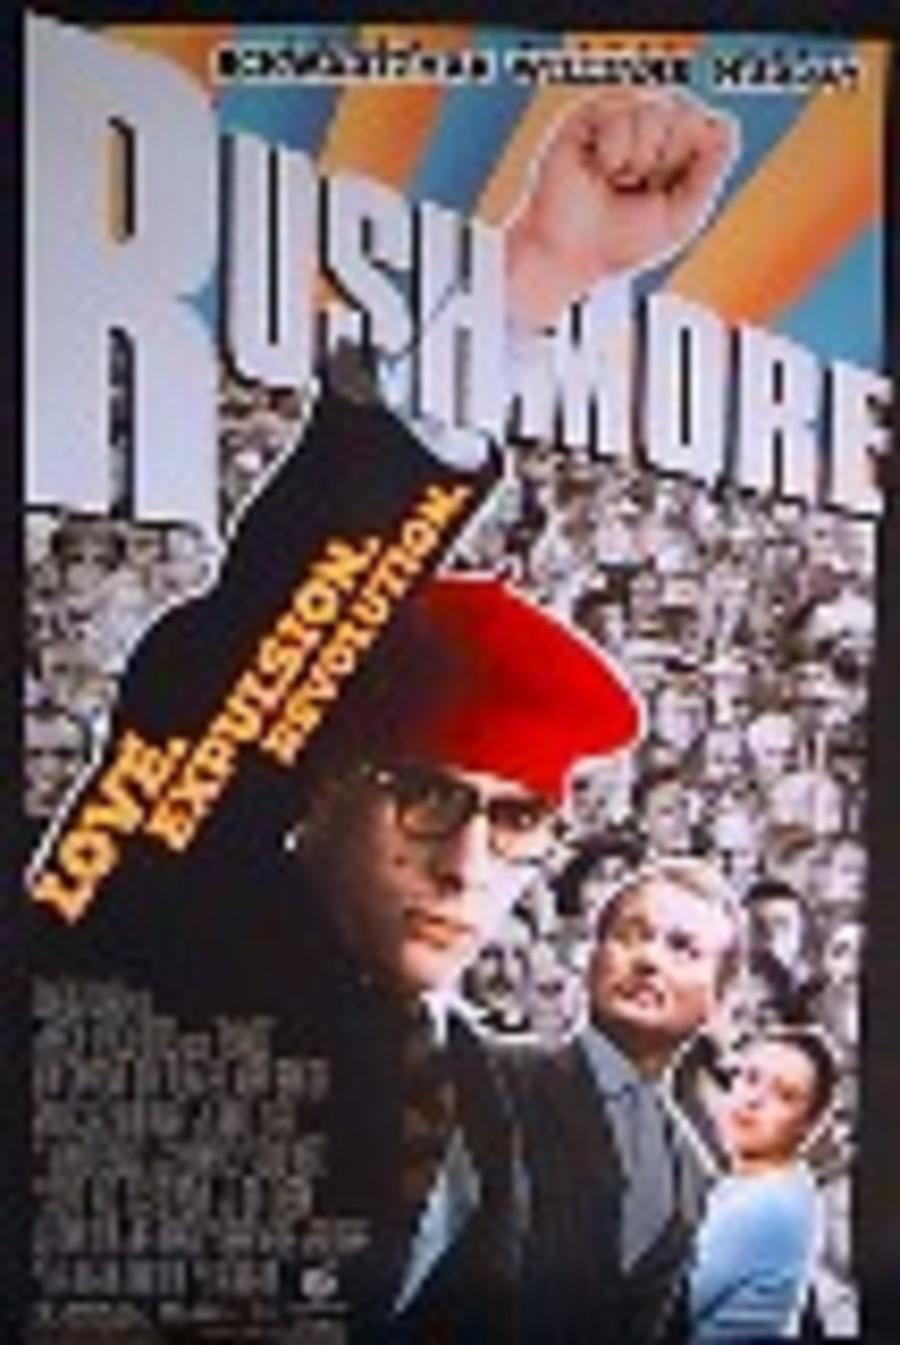 Rushmore Movie PosterSKU: ge-2571